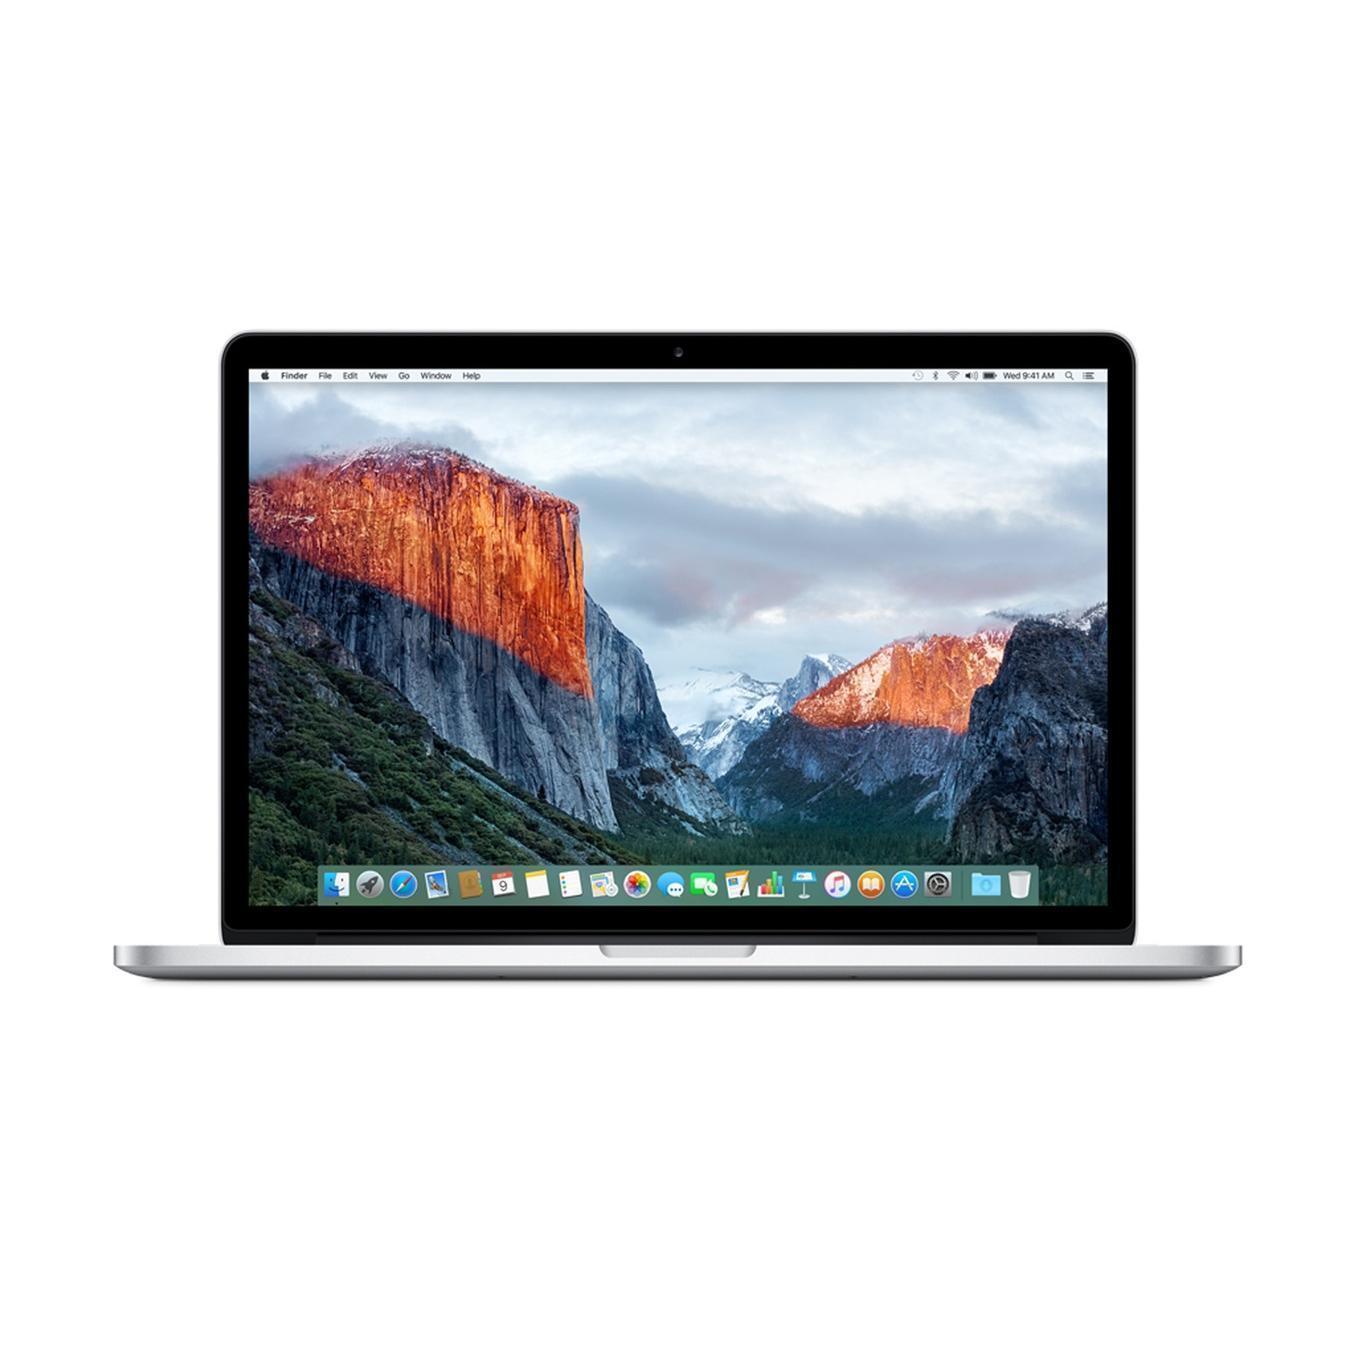 MacBook Pro Retina 15,4-tum (2013) - Core i7 - 8GB - SSD 500 GB QWERTY - Engelska (USA)